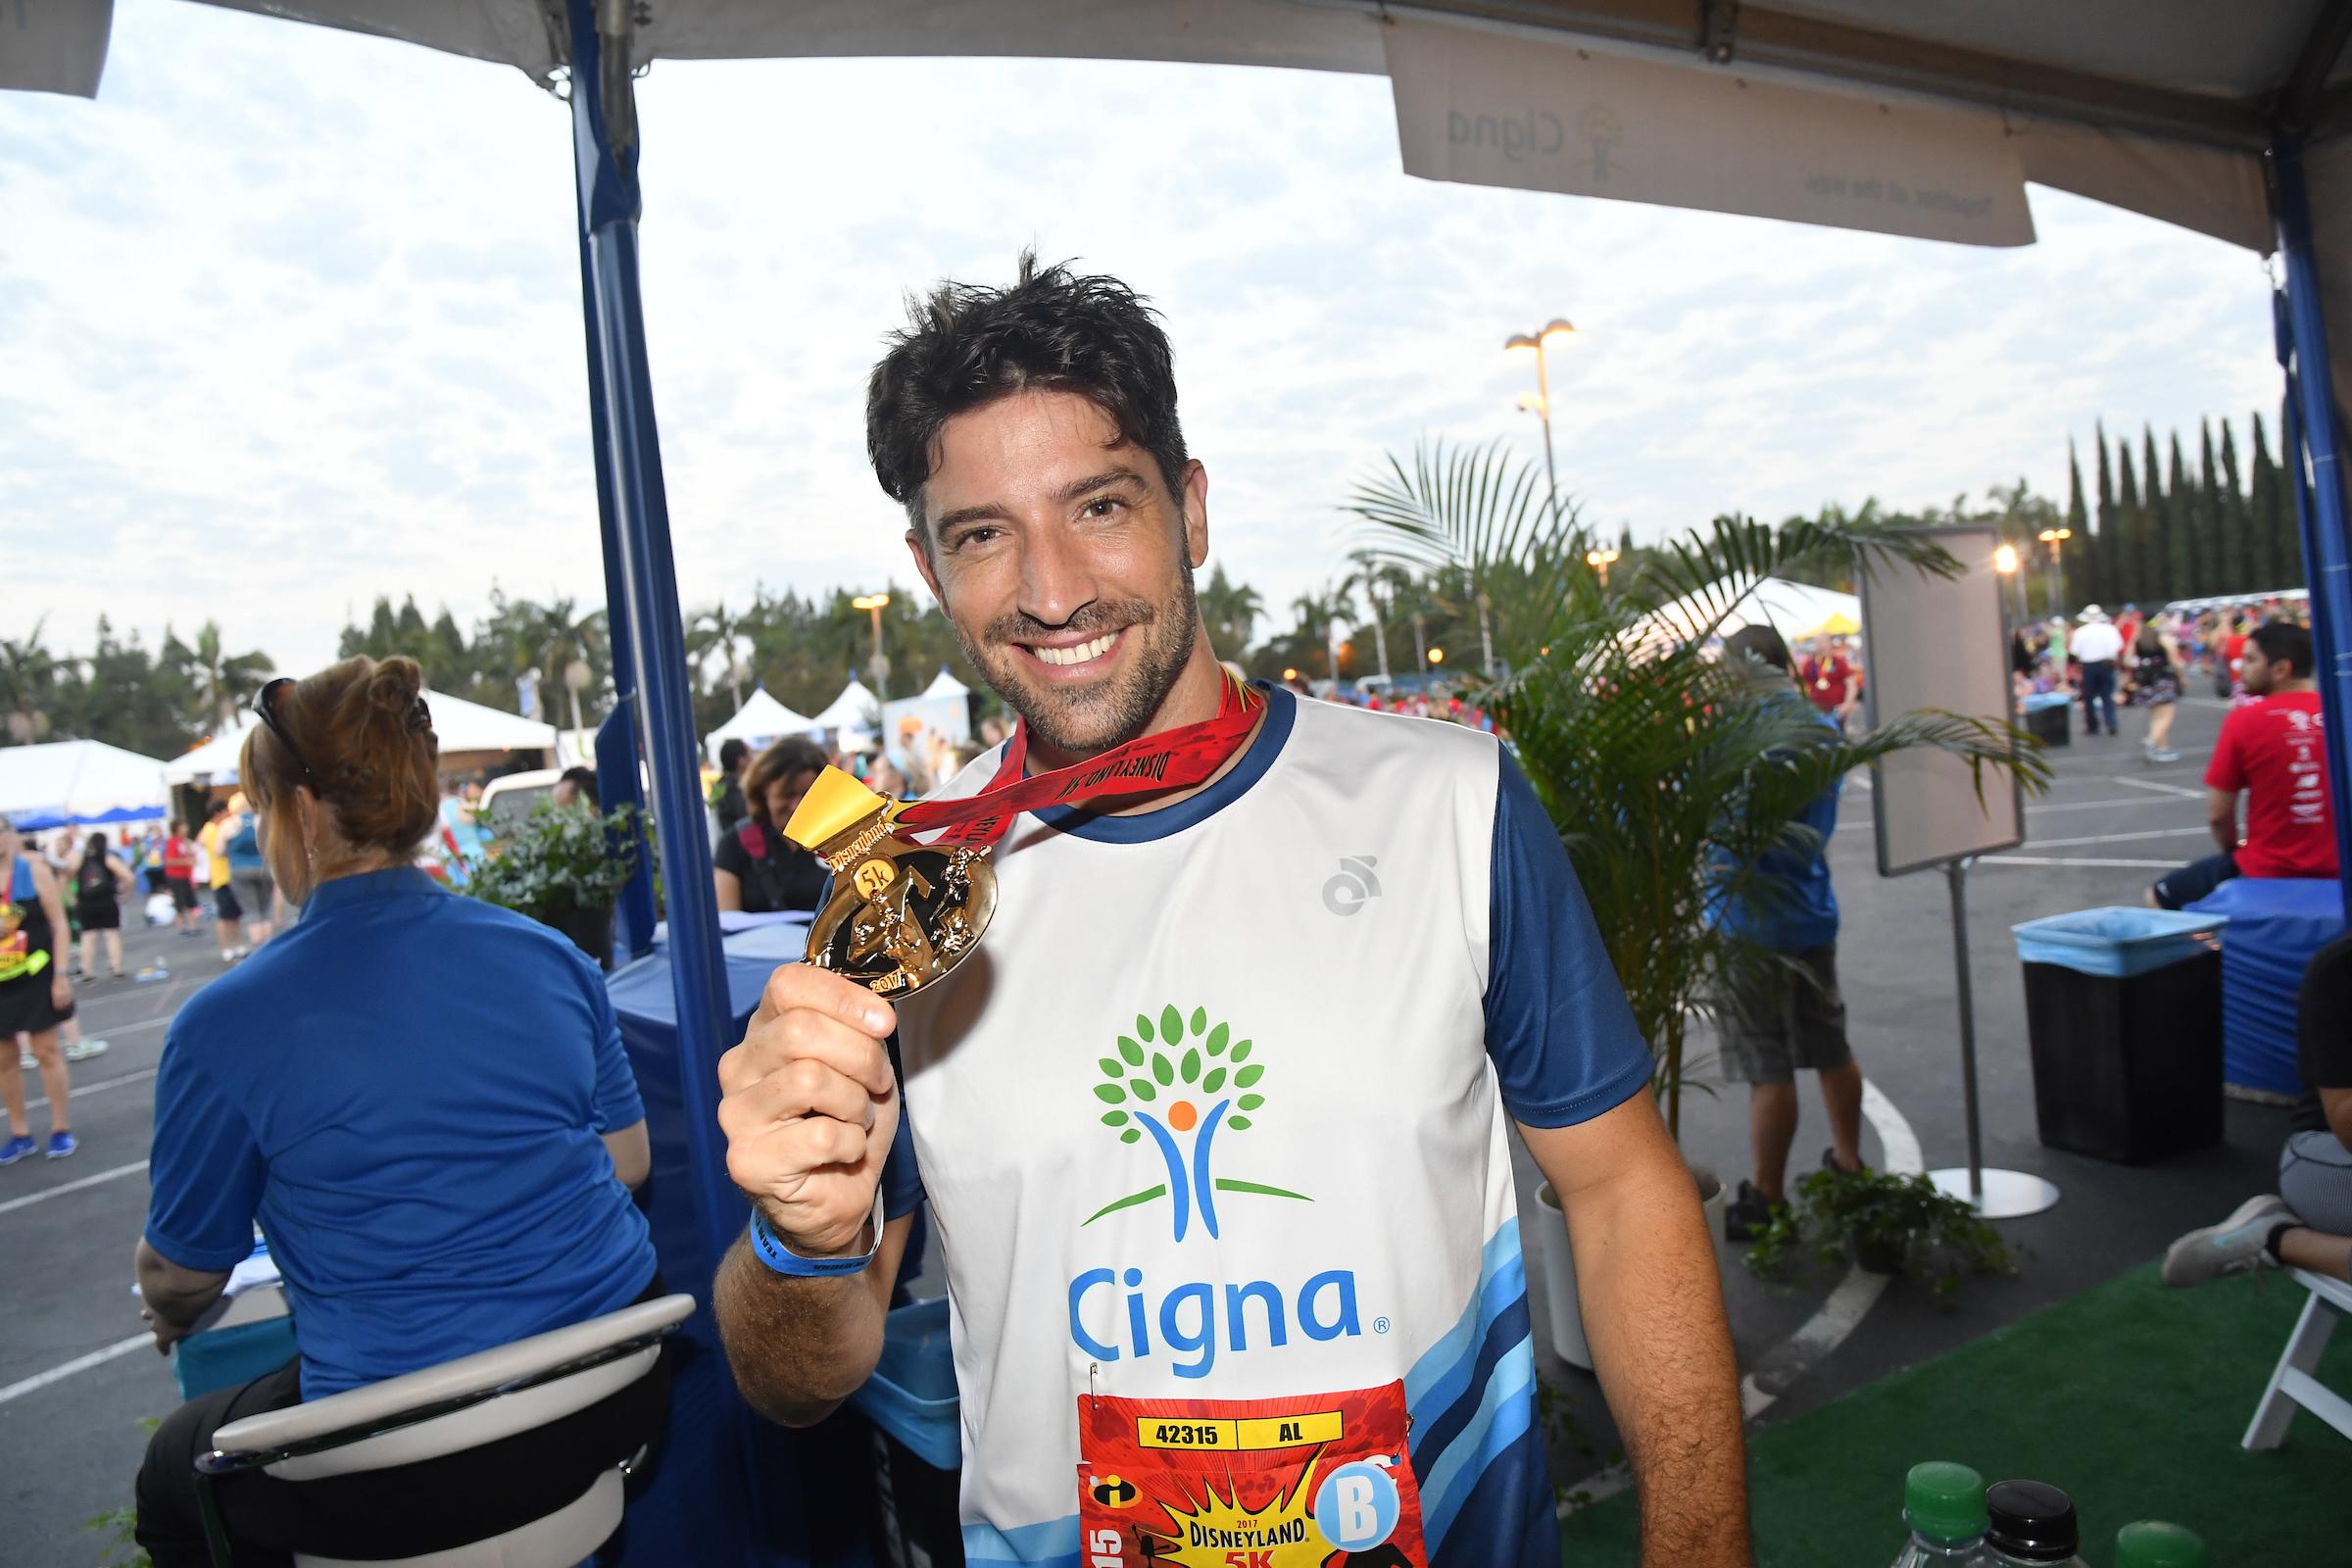 Galán de Telemundo David Chocarro se une a Cigna para incitar a los Latinos a tomar control de su salud durante la carrera de 5 kilómetros de Disneyland® presentada por Cigna